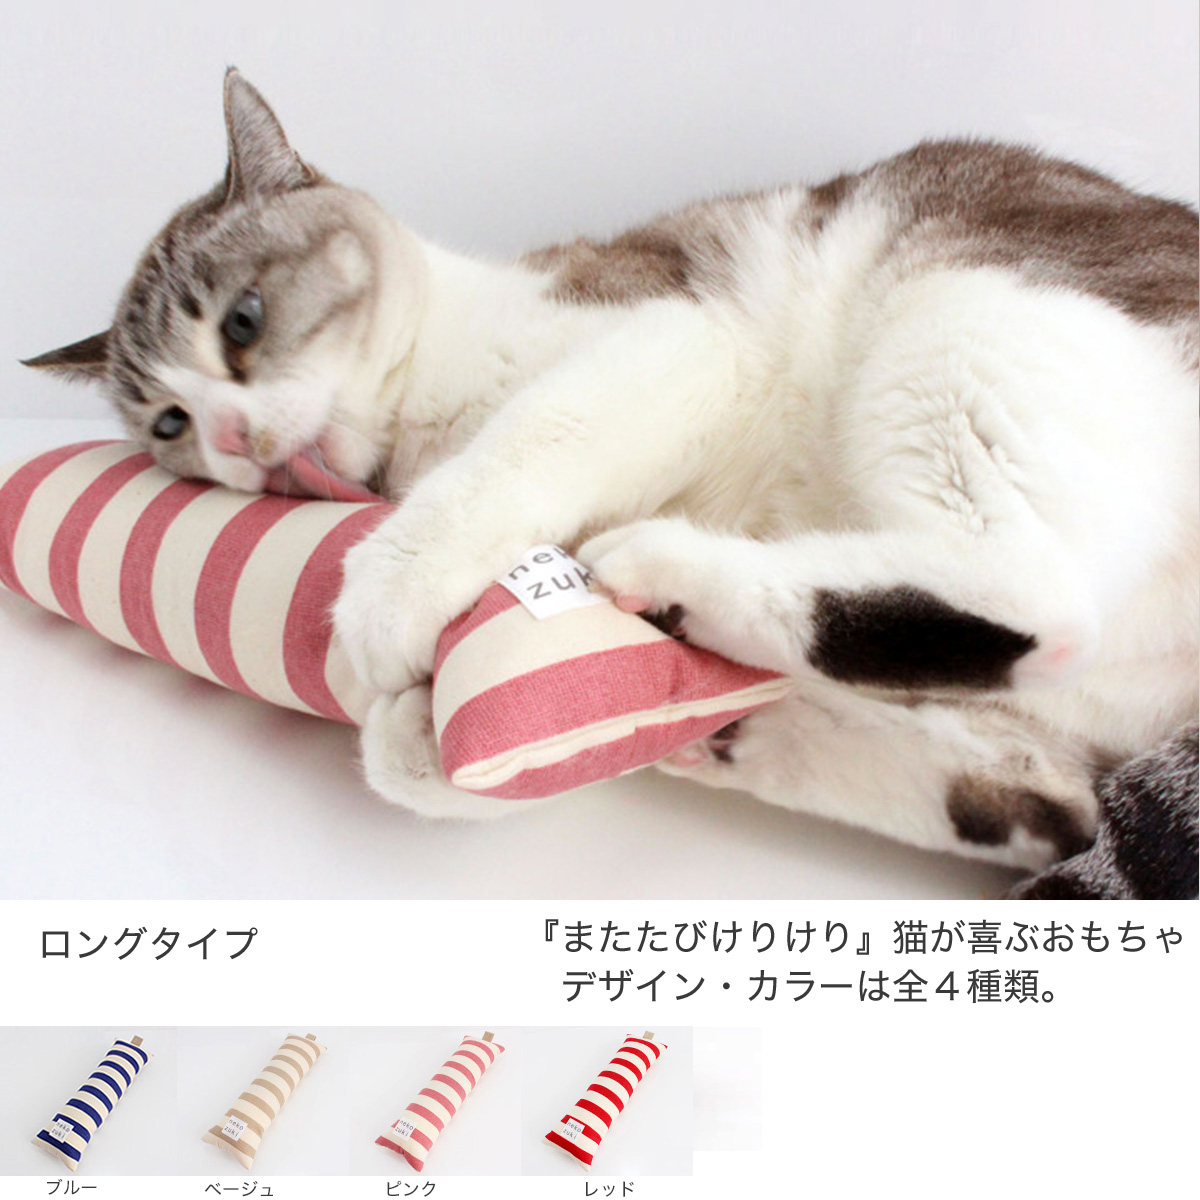 猫omochamatatabikerikeri长边缘